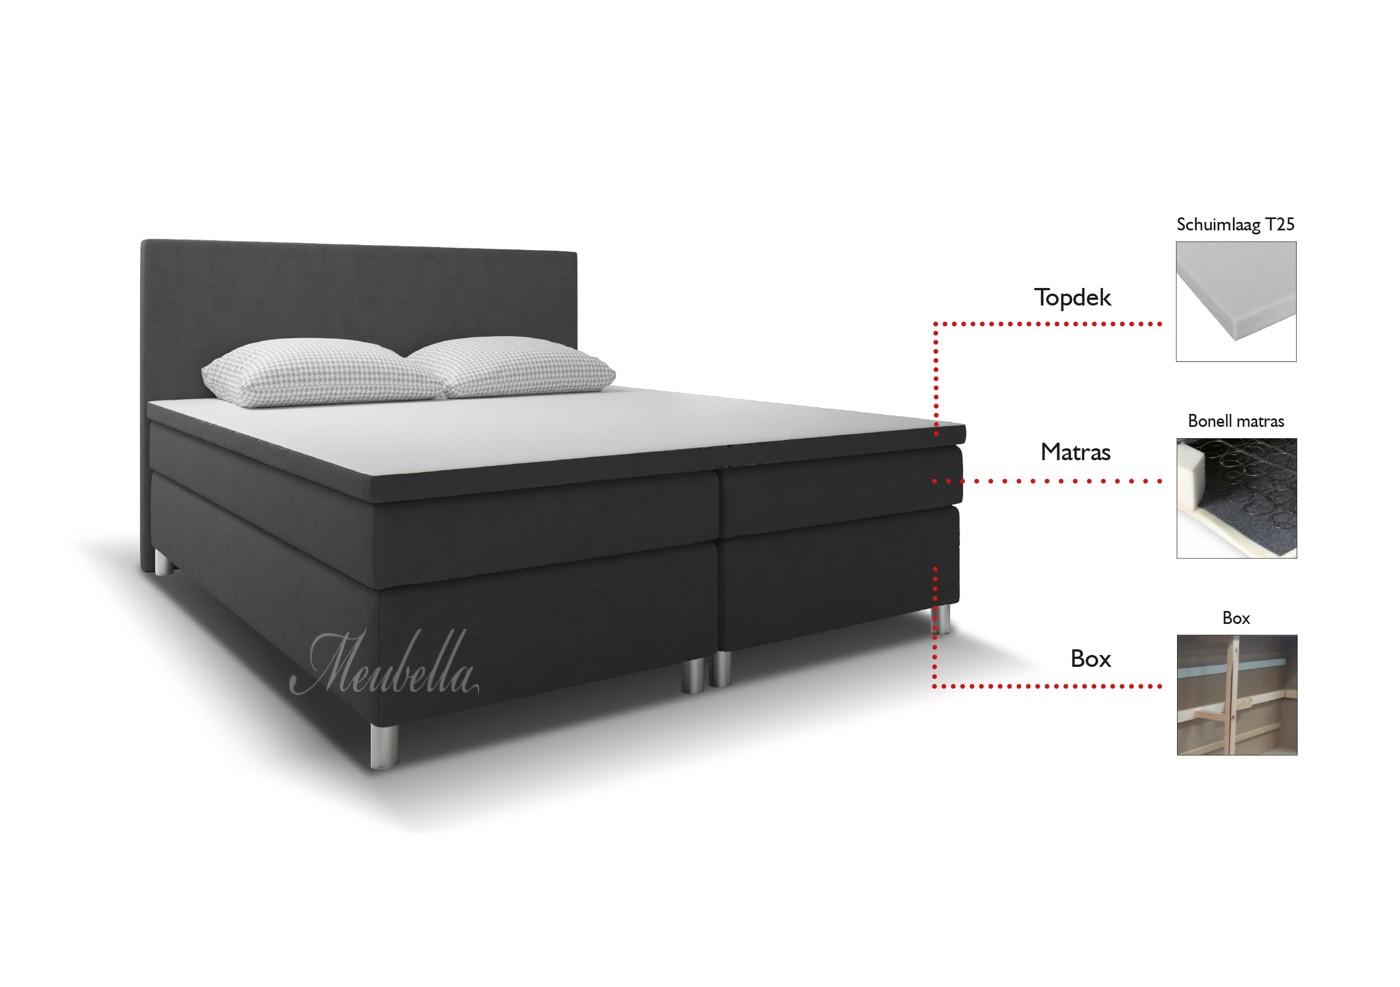 boxspring alexandria grijs 200x200 cm meubella. Black Bedroom Furniture Sets. Home Design Ideas